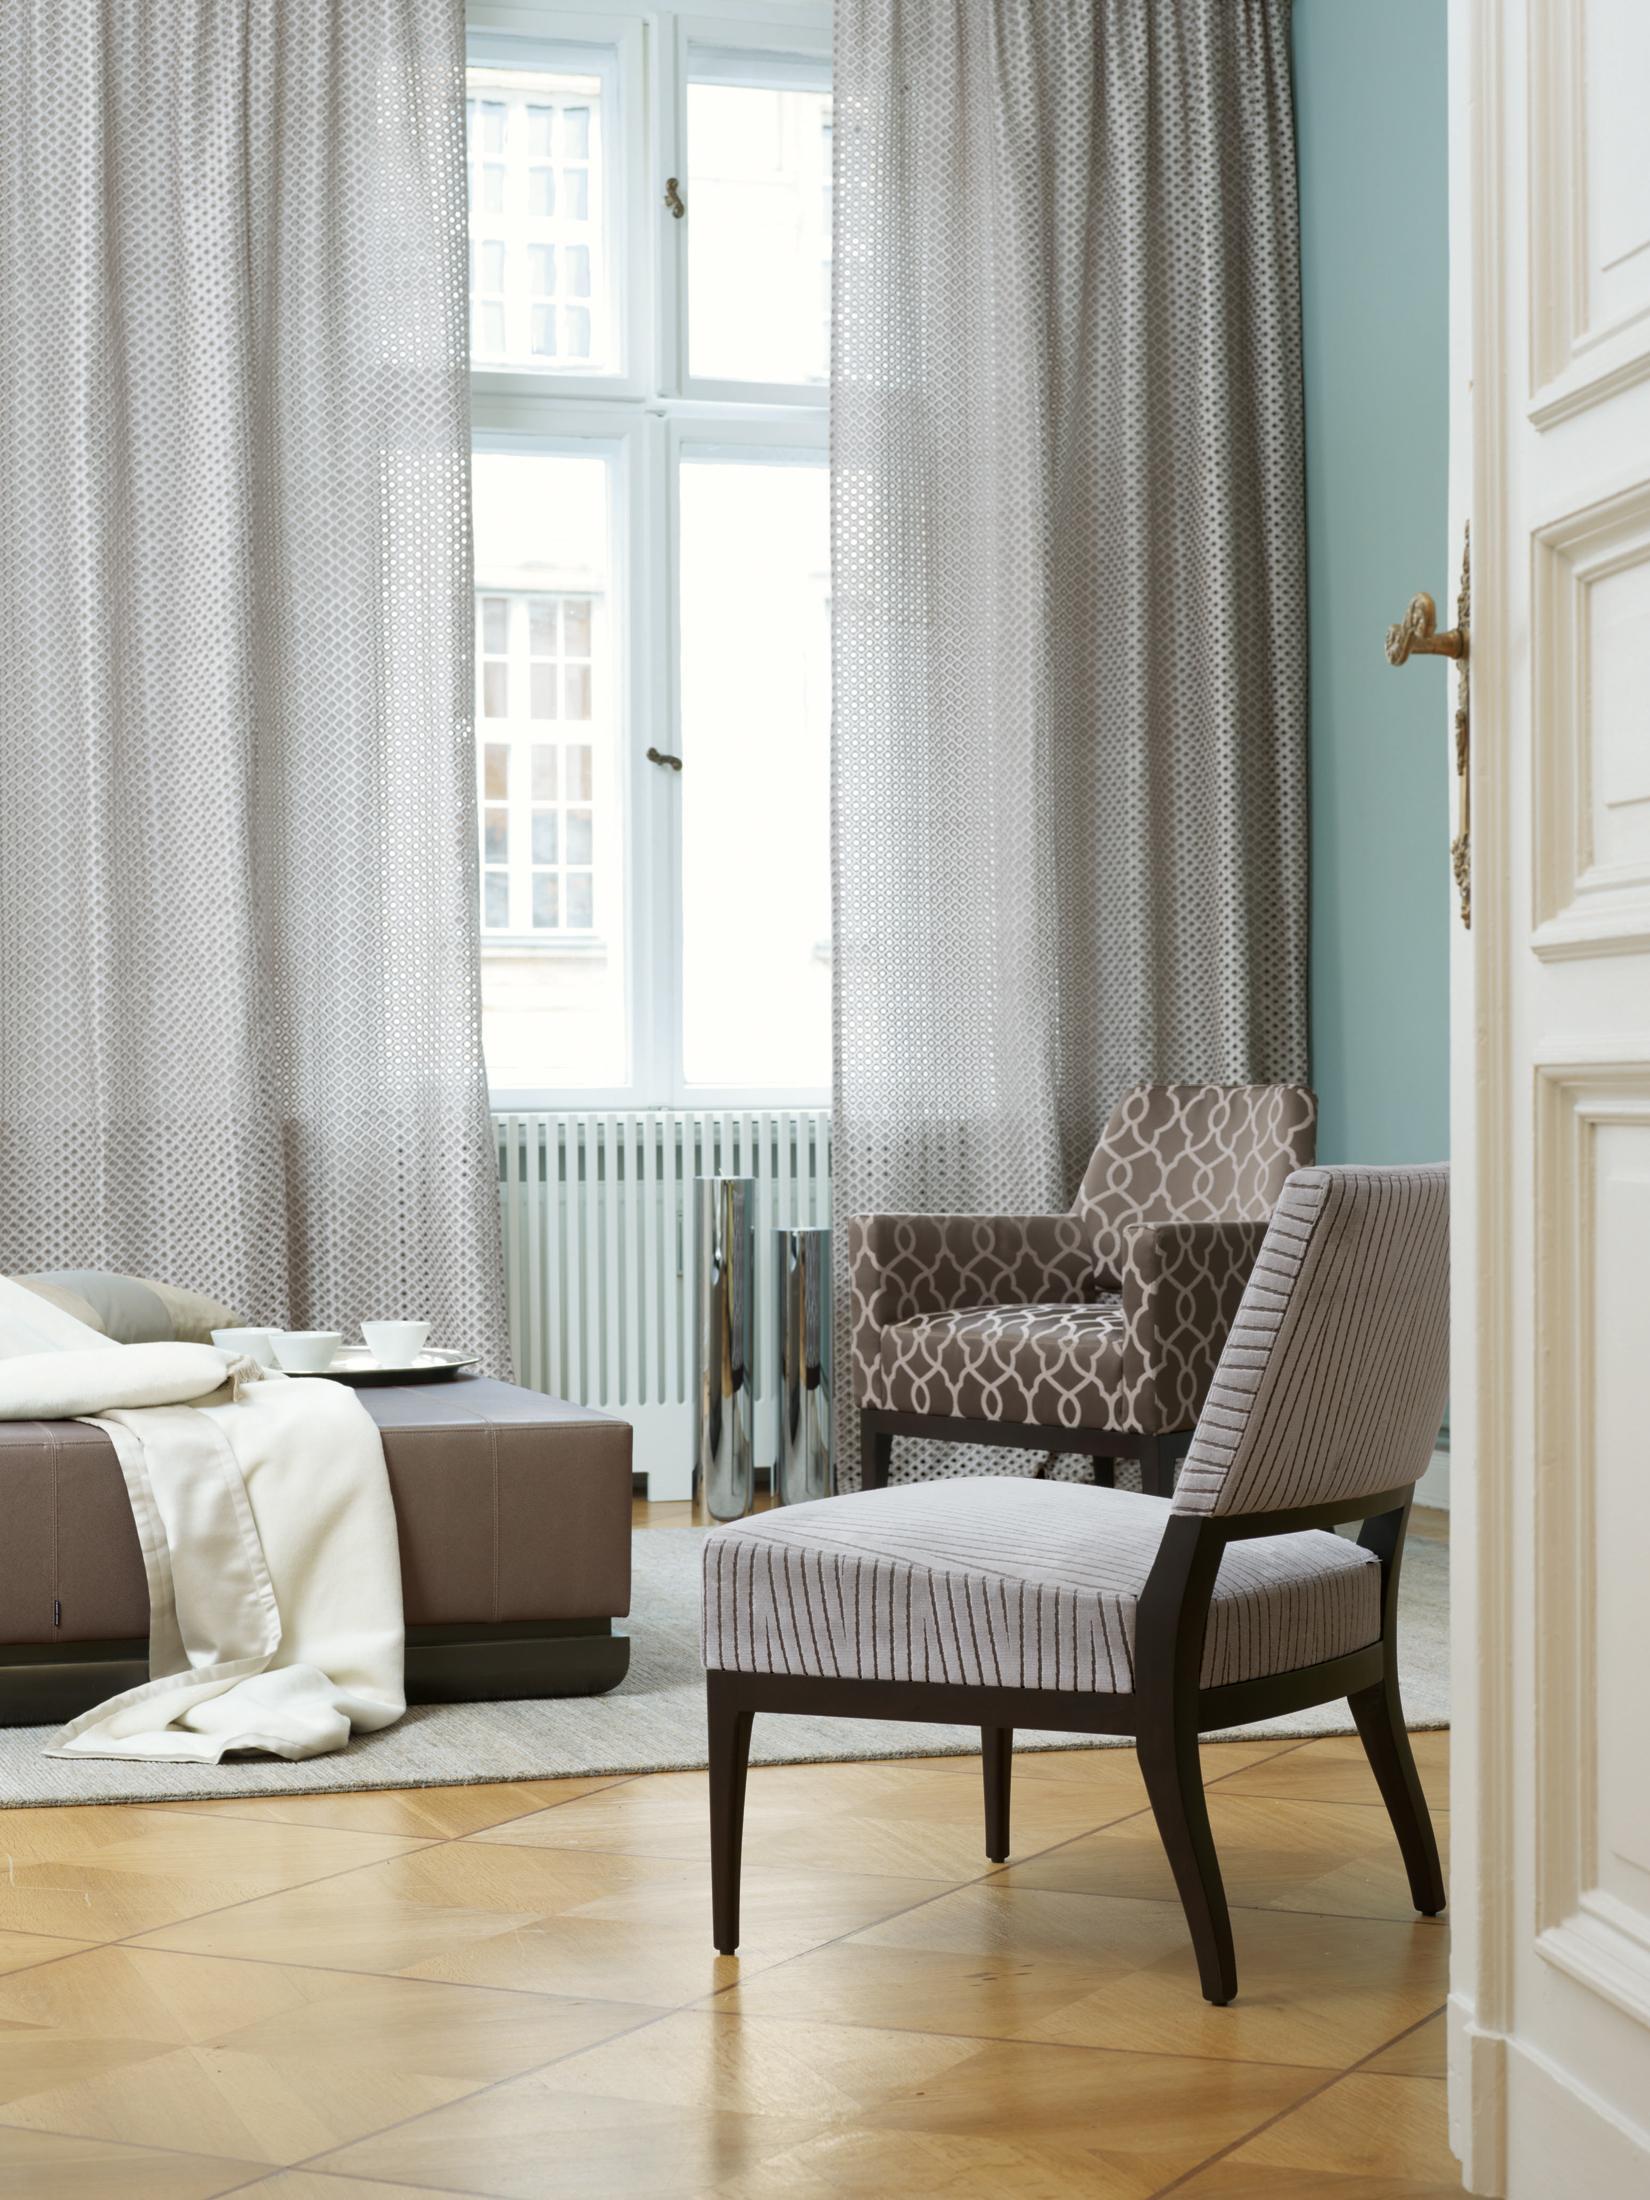 Natürliche Wandfarben wandfarbe in türkis bilder ideen couchstyle